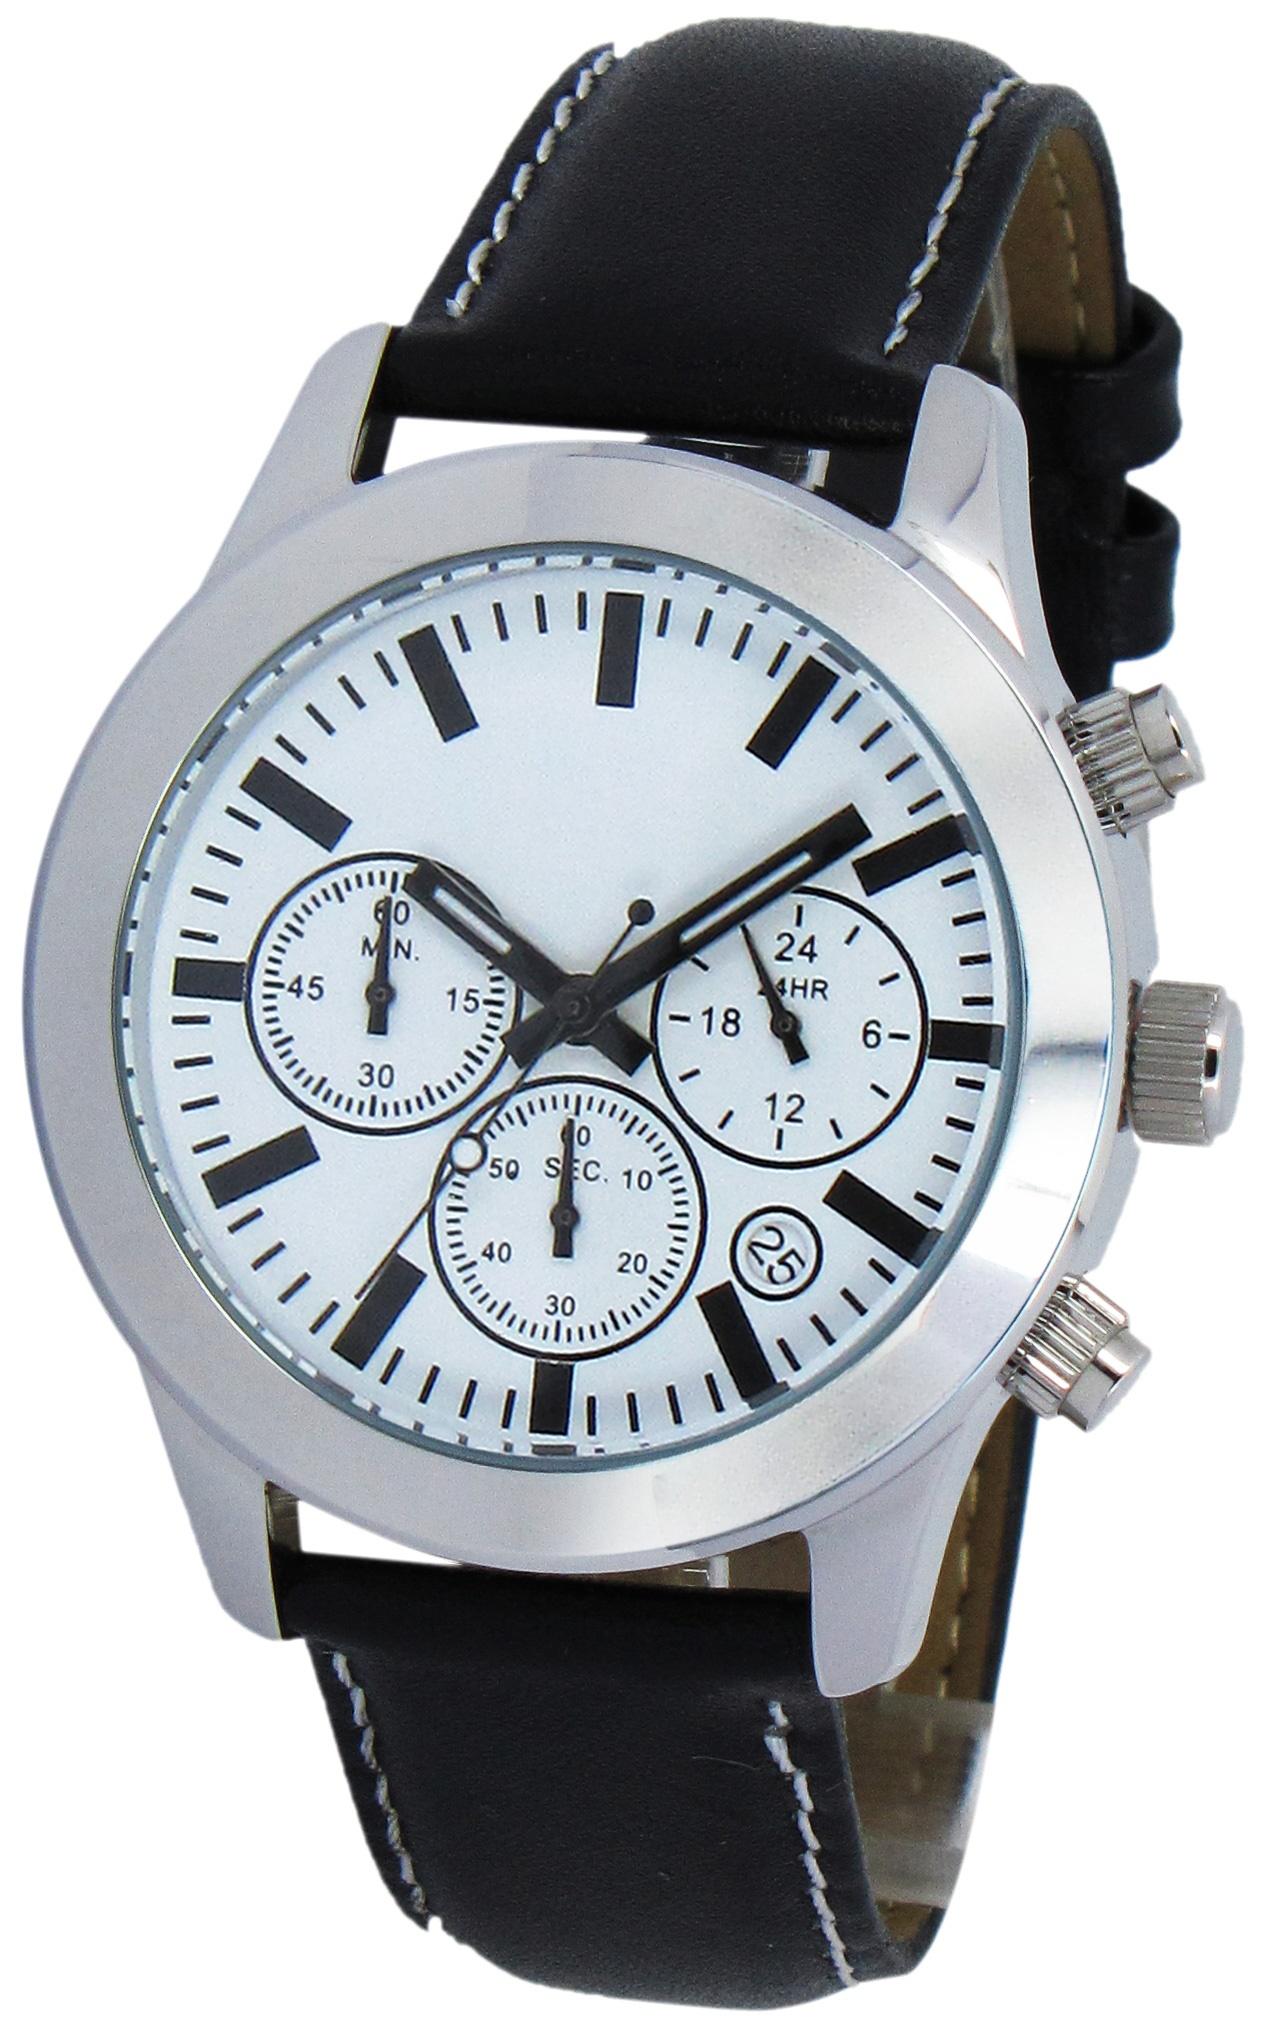 Chronograaf herenhorloge Hobart wit